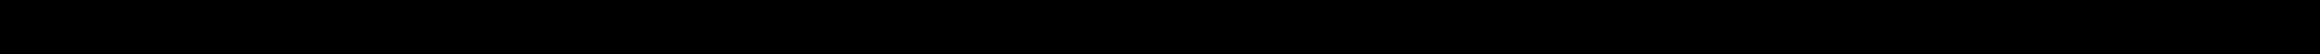 HITACHI 12217788327, 12217801201, 7788327, 7801201, 132303 Relė, kaitinimo žvakių sistema